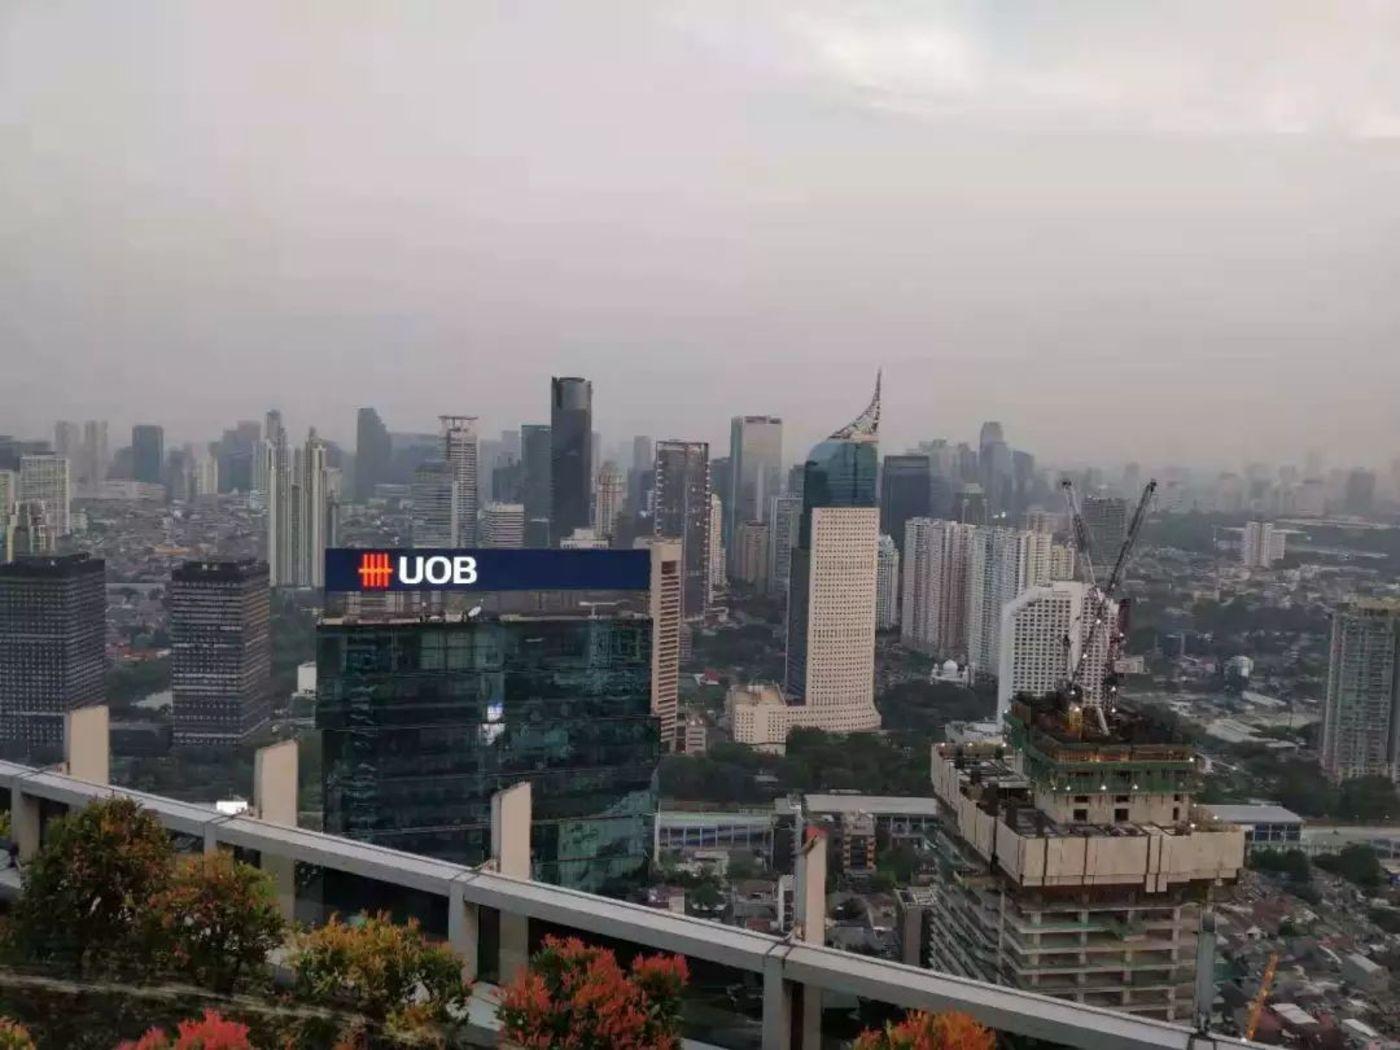 印尼首都雅加达在国内现金贷从业者的眼中,是一块淘金热土。 / 摄于印尼雅加达